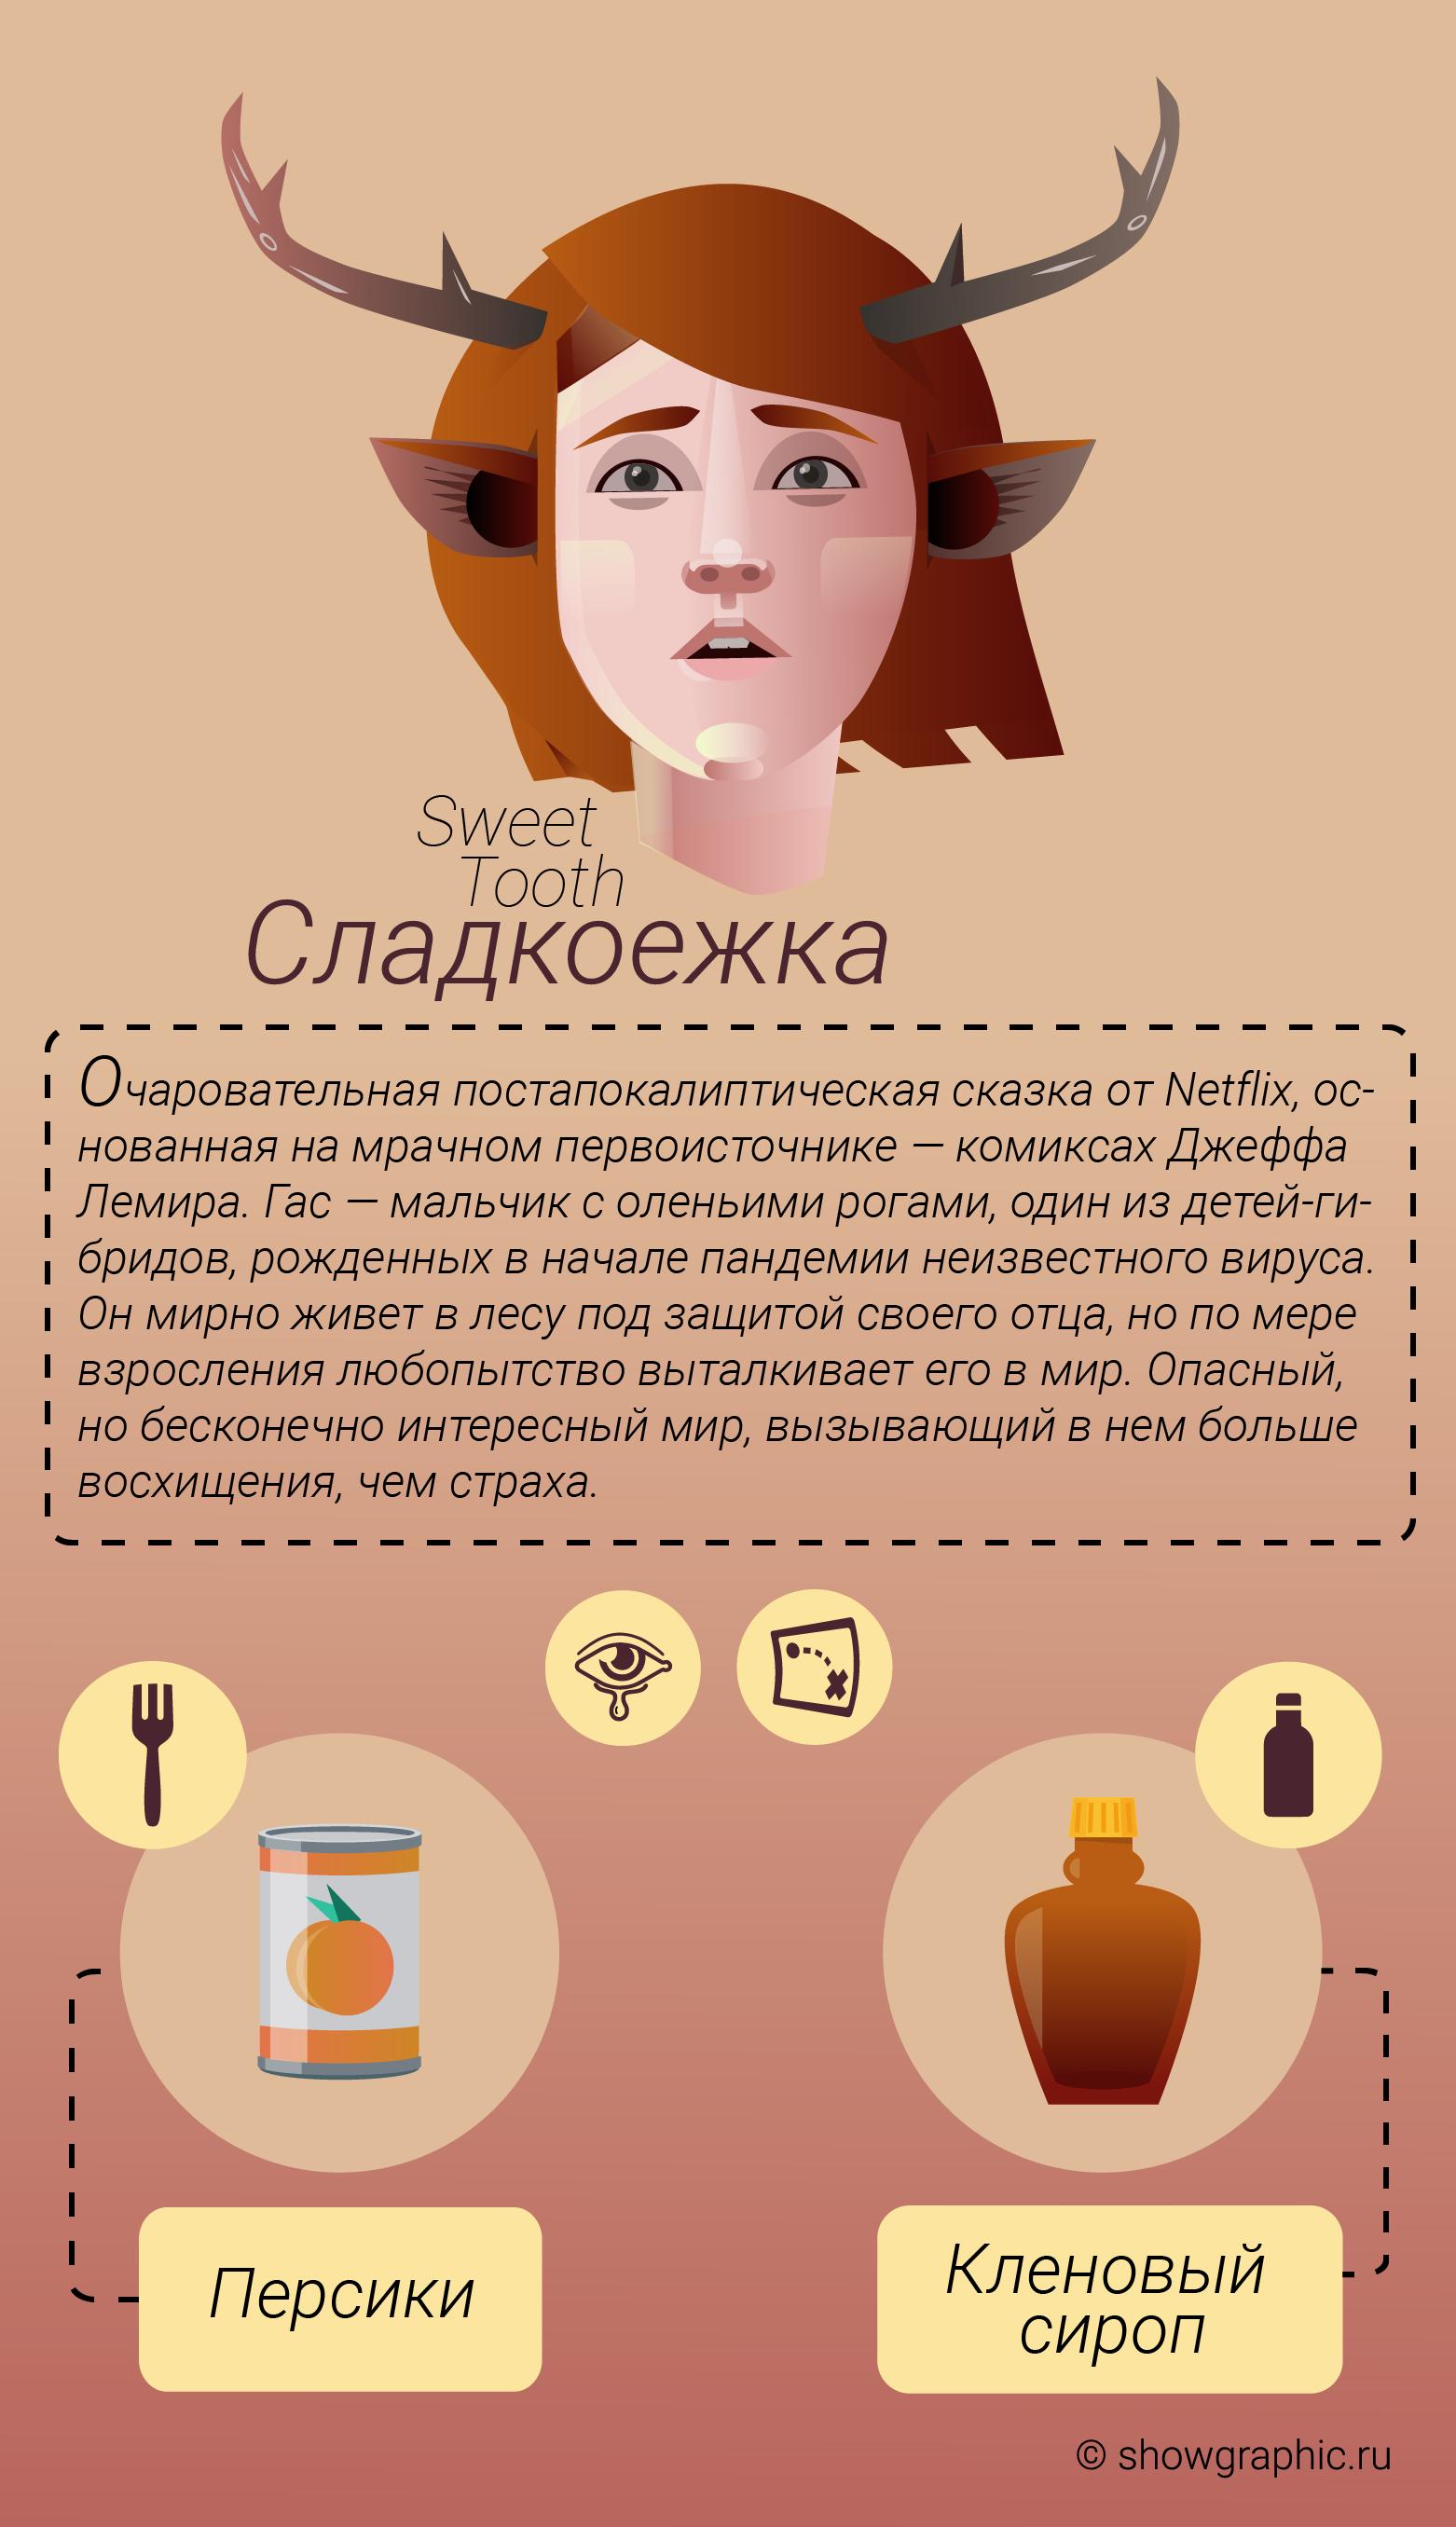 сладкоежка инфографика